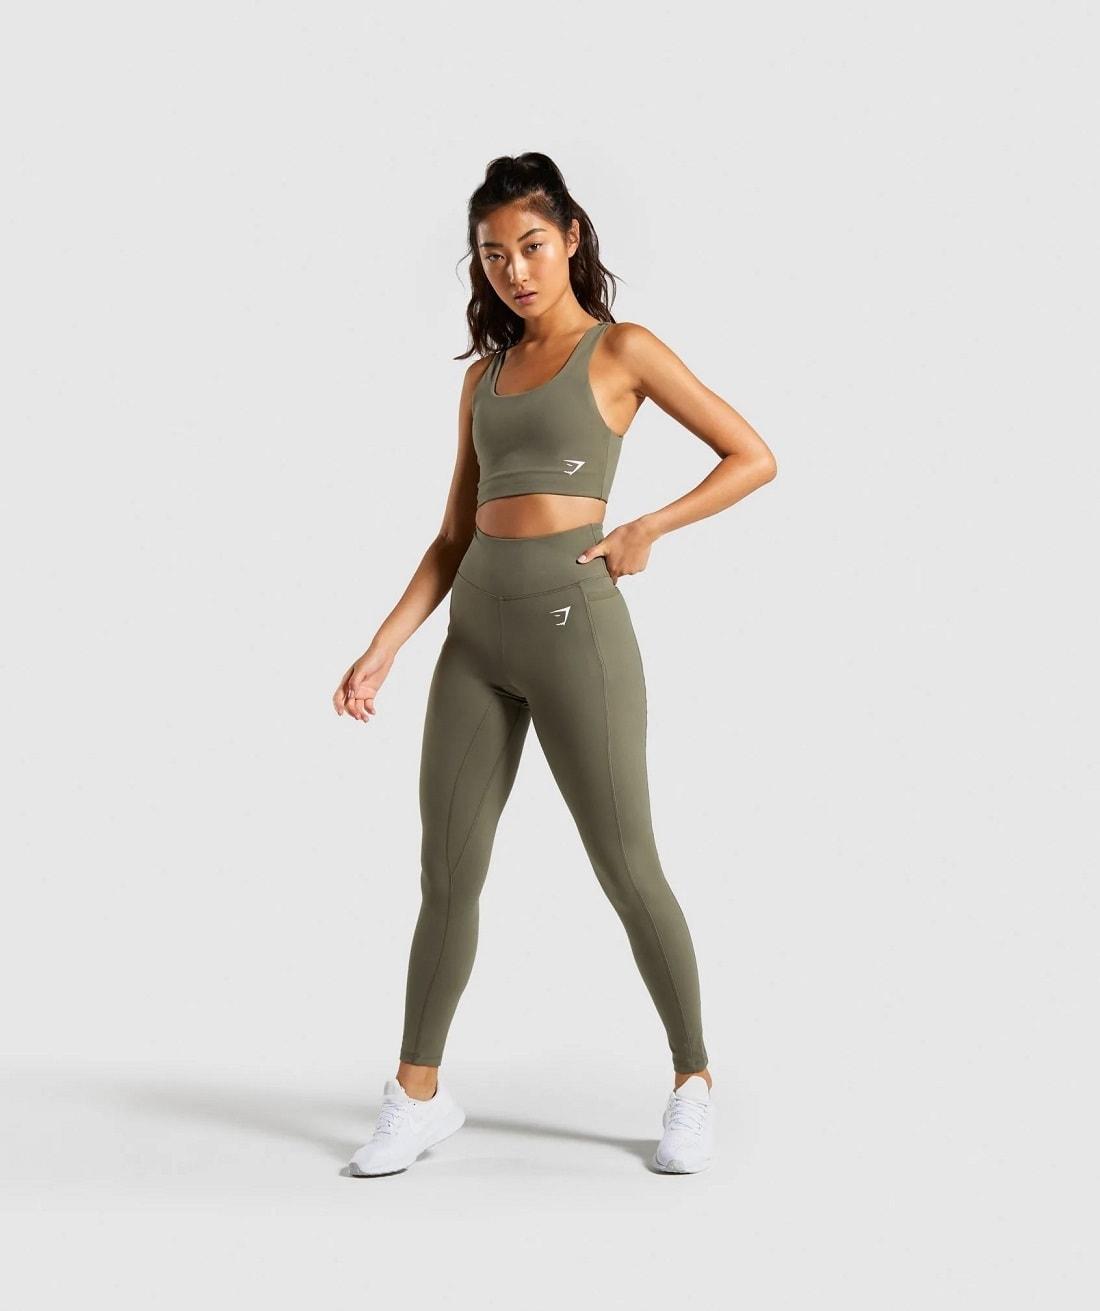 Best Gymshark Leggings for Lifting